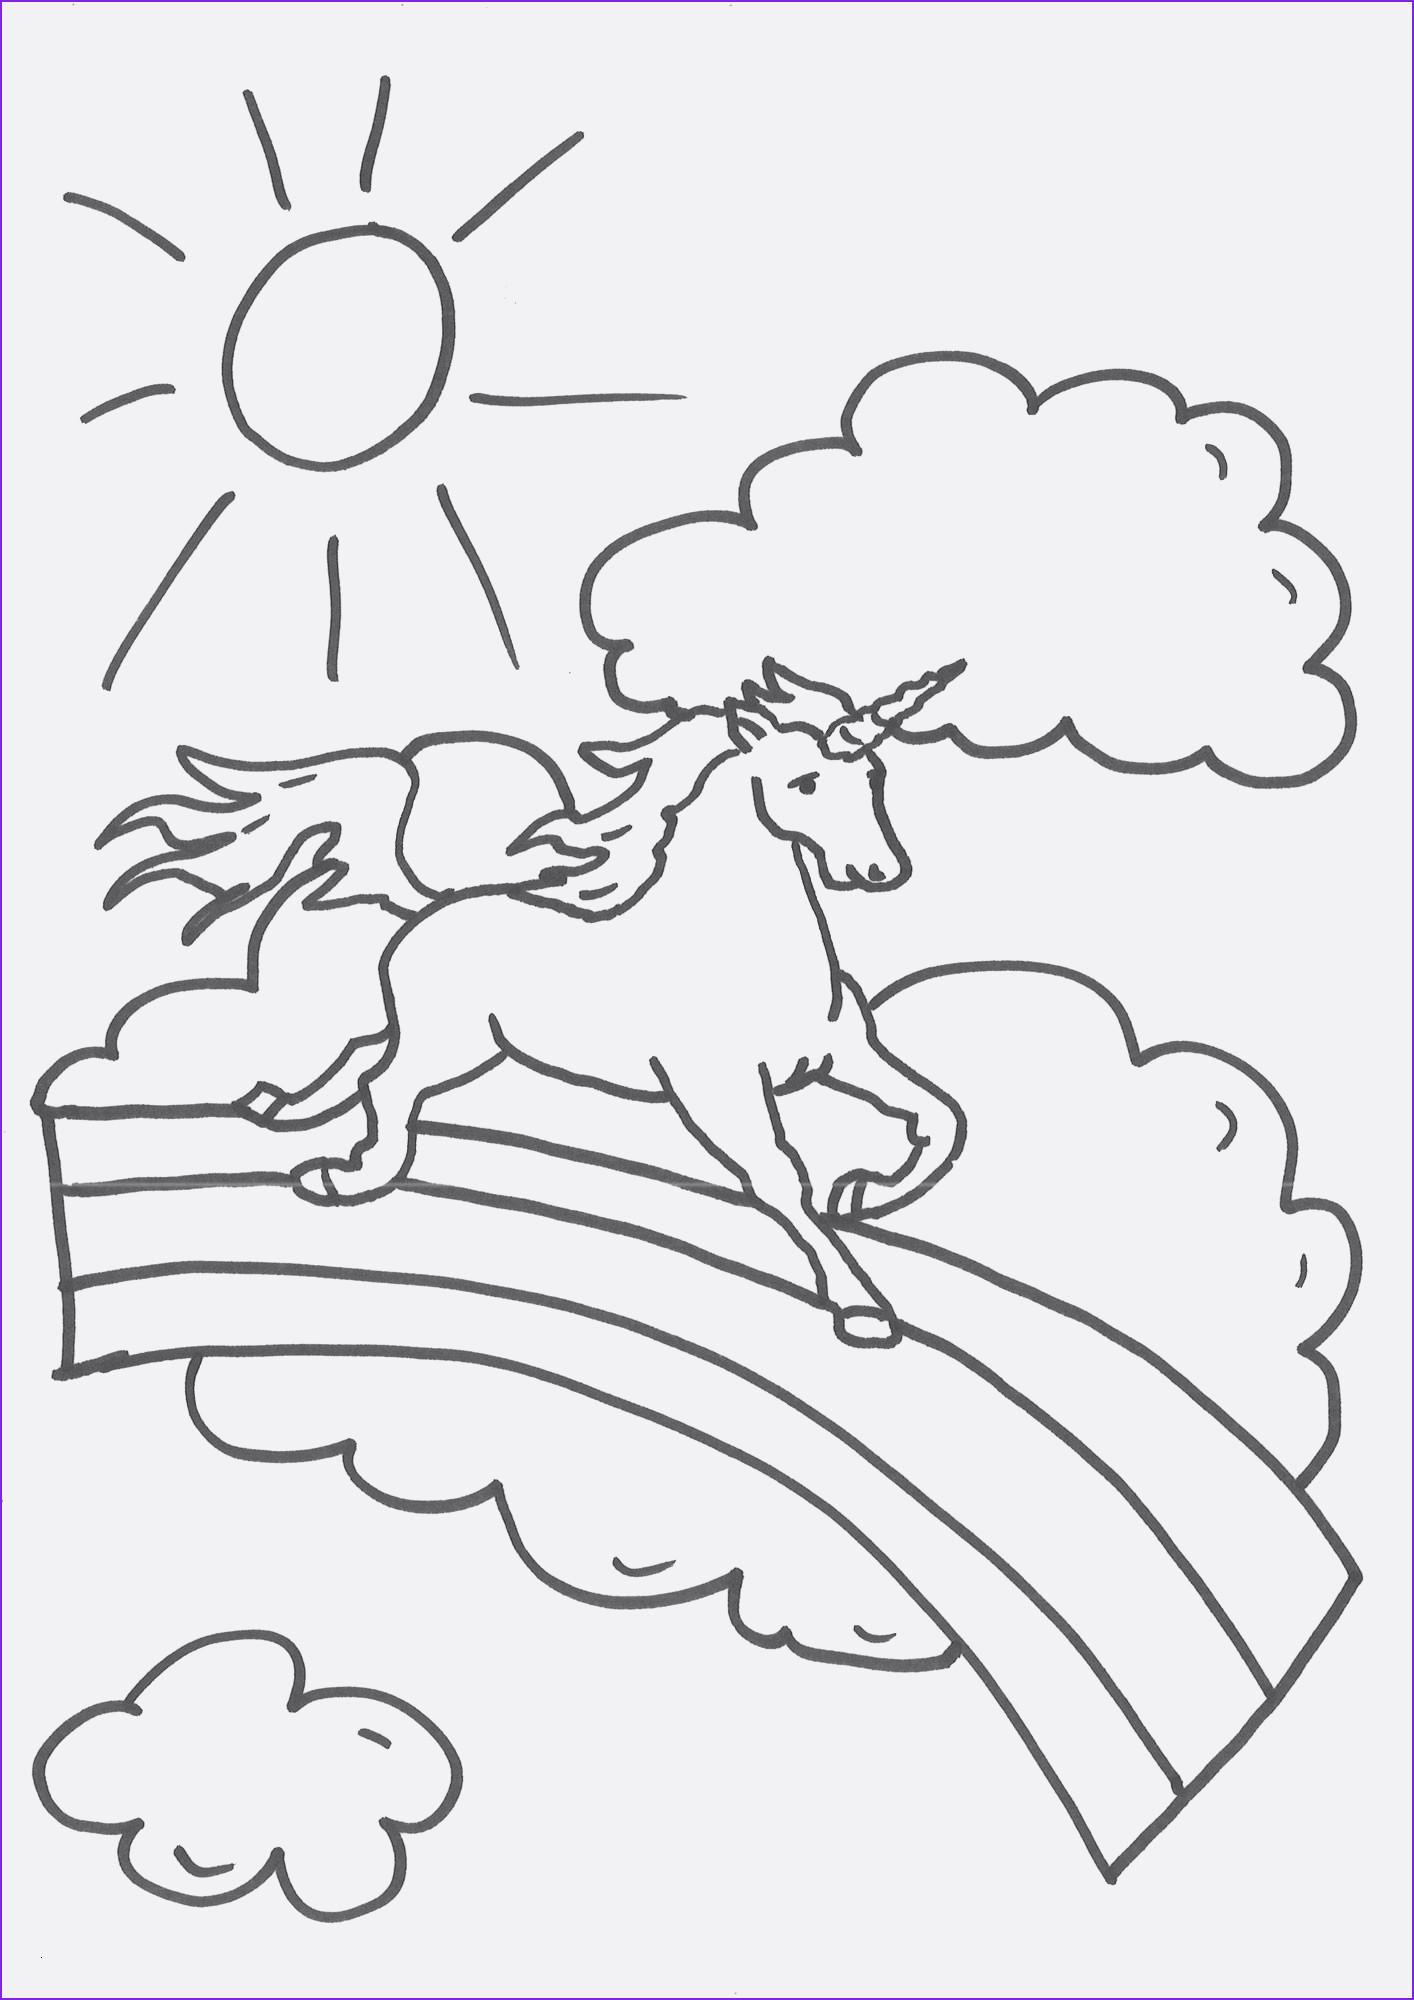 Anspruchsvolle Mandalas Zum Ausdrucken Genial Ausmalbilder Einhorn Pummel Elegant 60 Ausmalbilder Einhorn Pummel Galerie